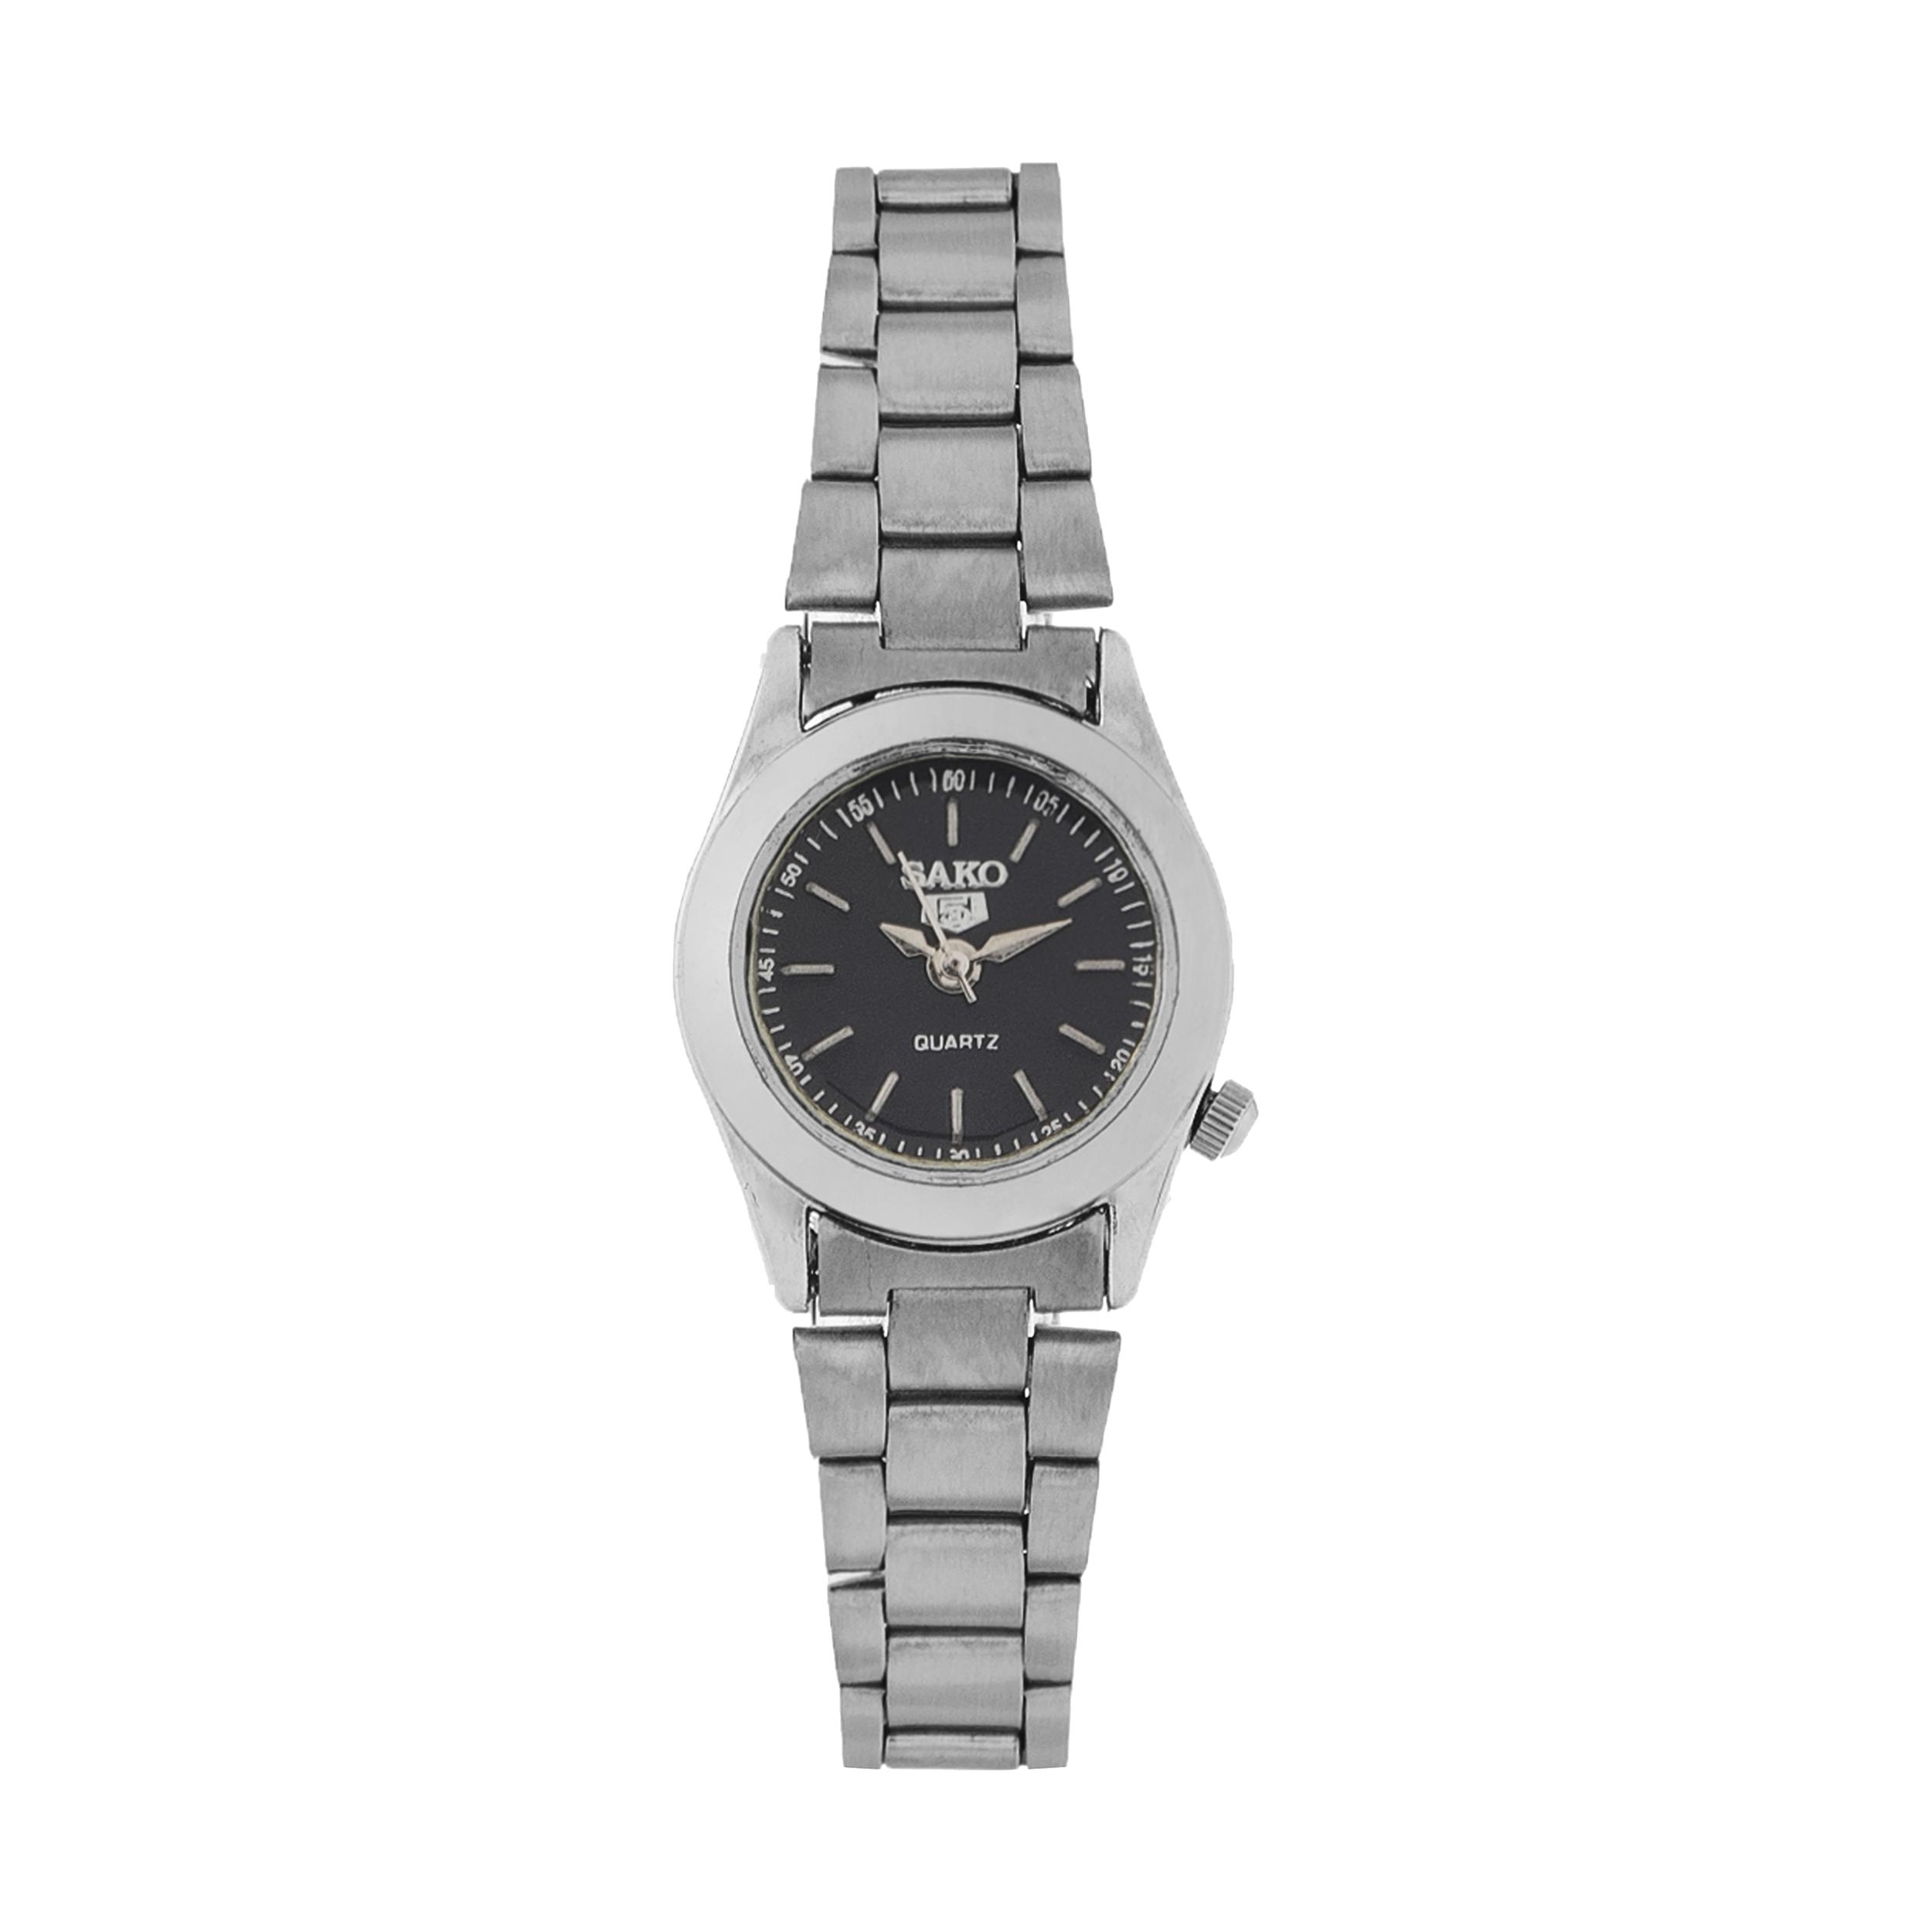 ساعت مچی عقربه ای زنانه ساکو مدل X107              ارزان